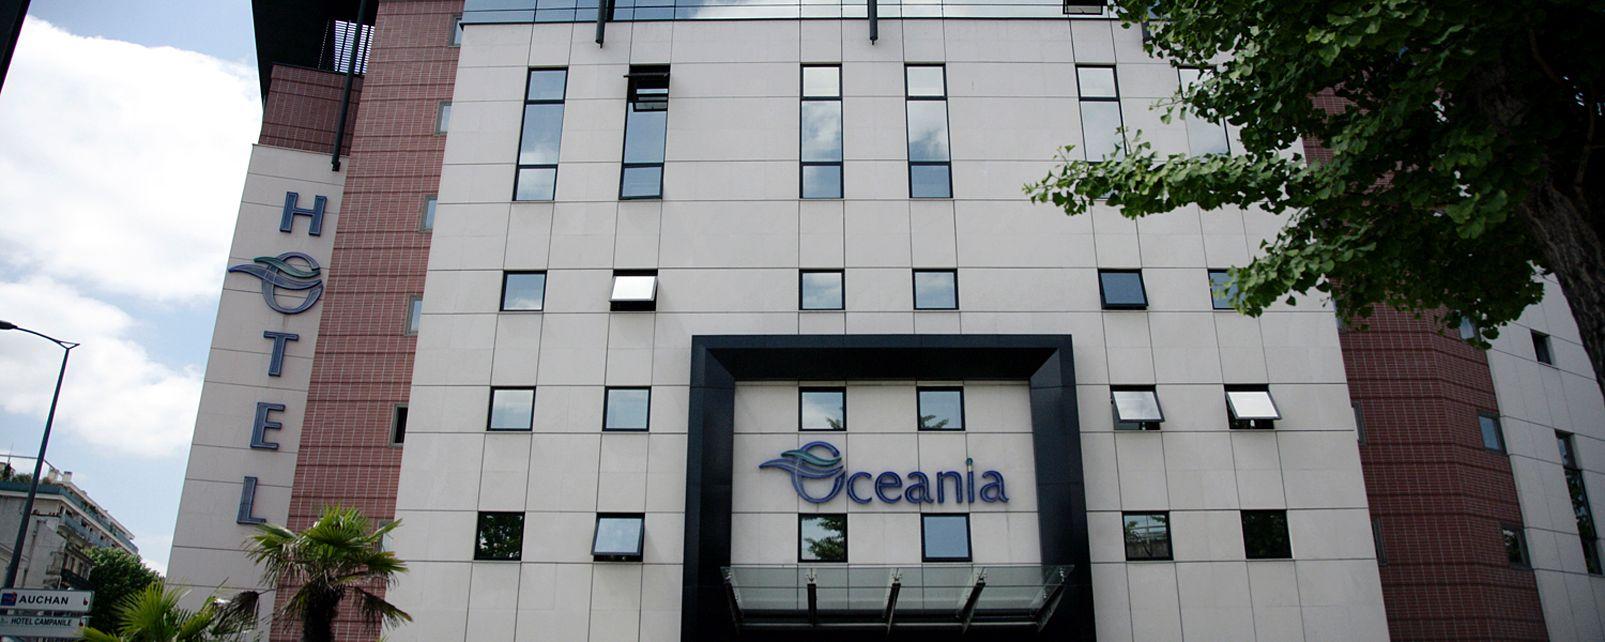 Hotel oceania paris porte de versailles for Porte de versailles hotel